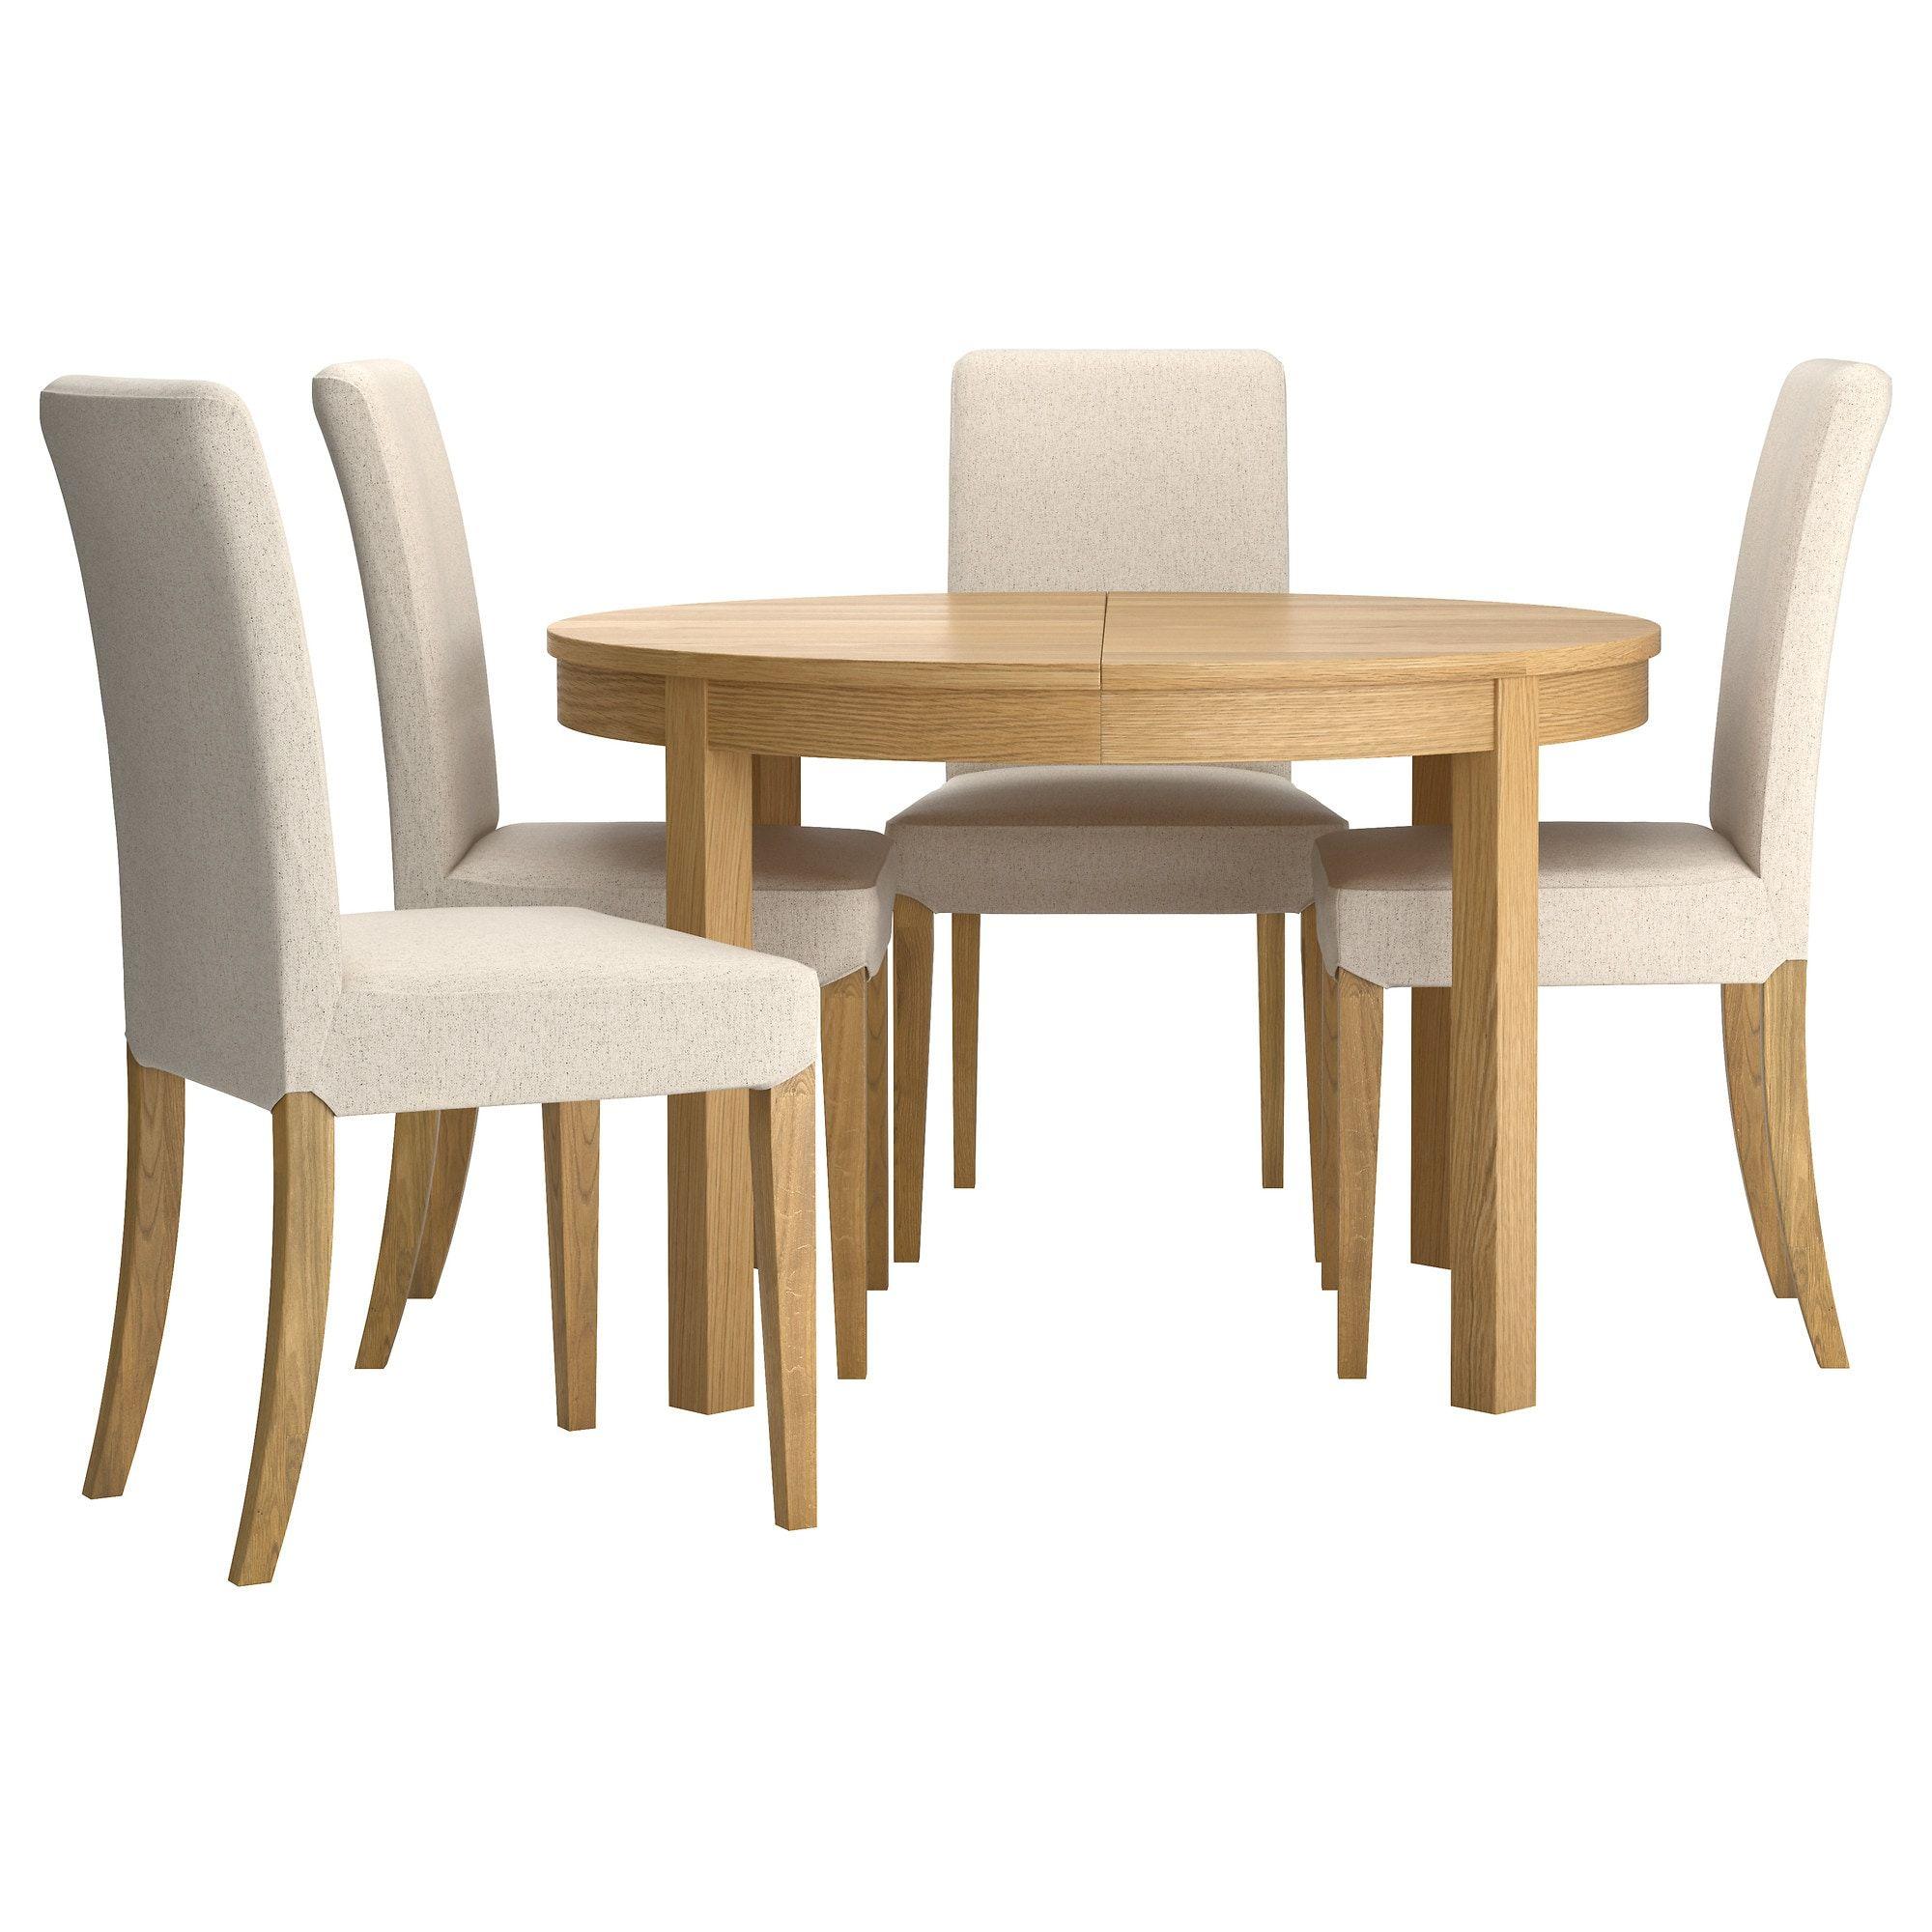 Bjursta Henriksdal Table And 4 Chairs Oak Veneer Linneryd